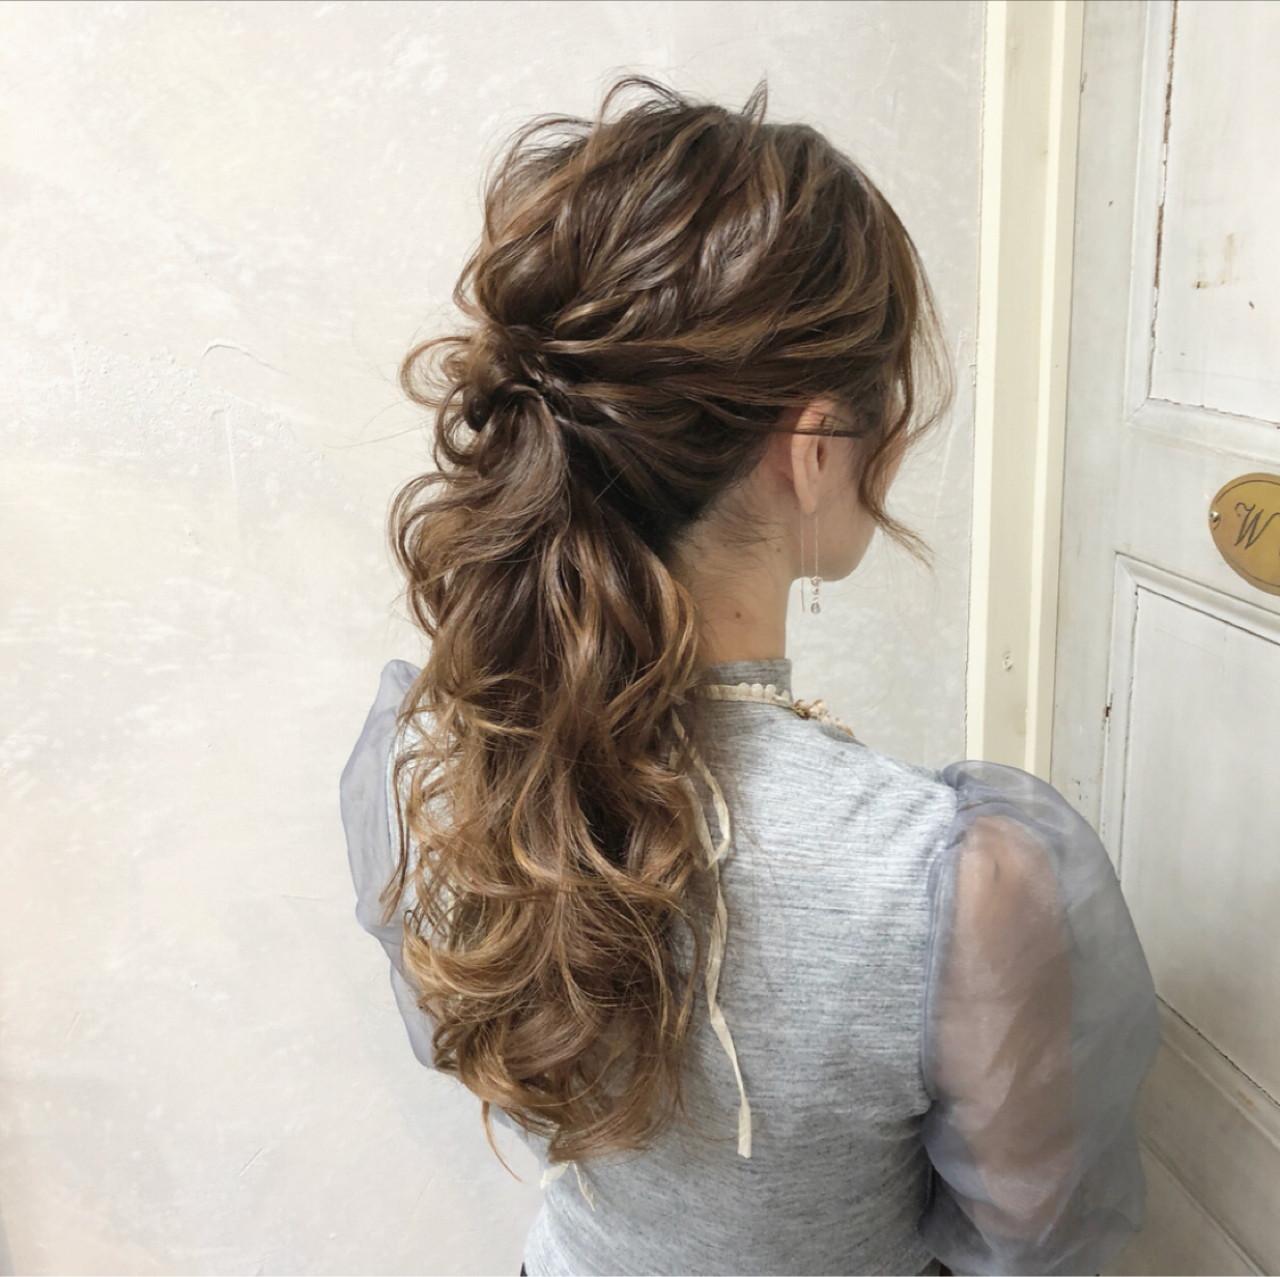 ロング 結婚式 ポニーテール 上品 ヘアスタイルや髪型の写真・画像